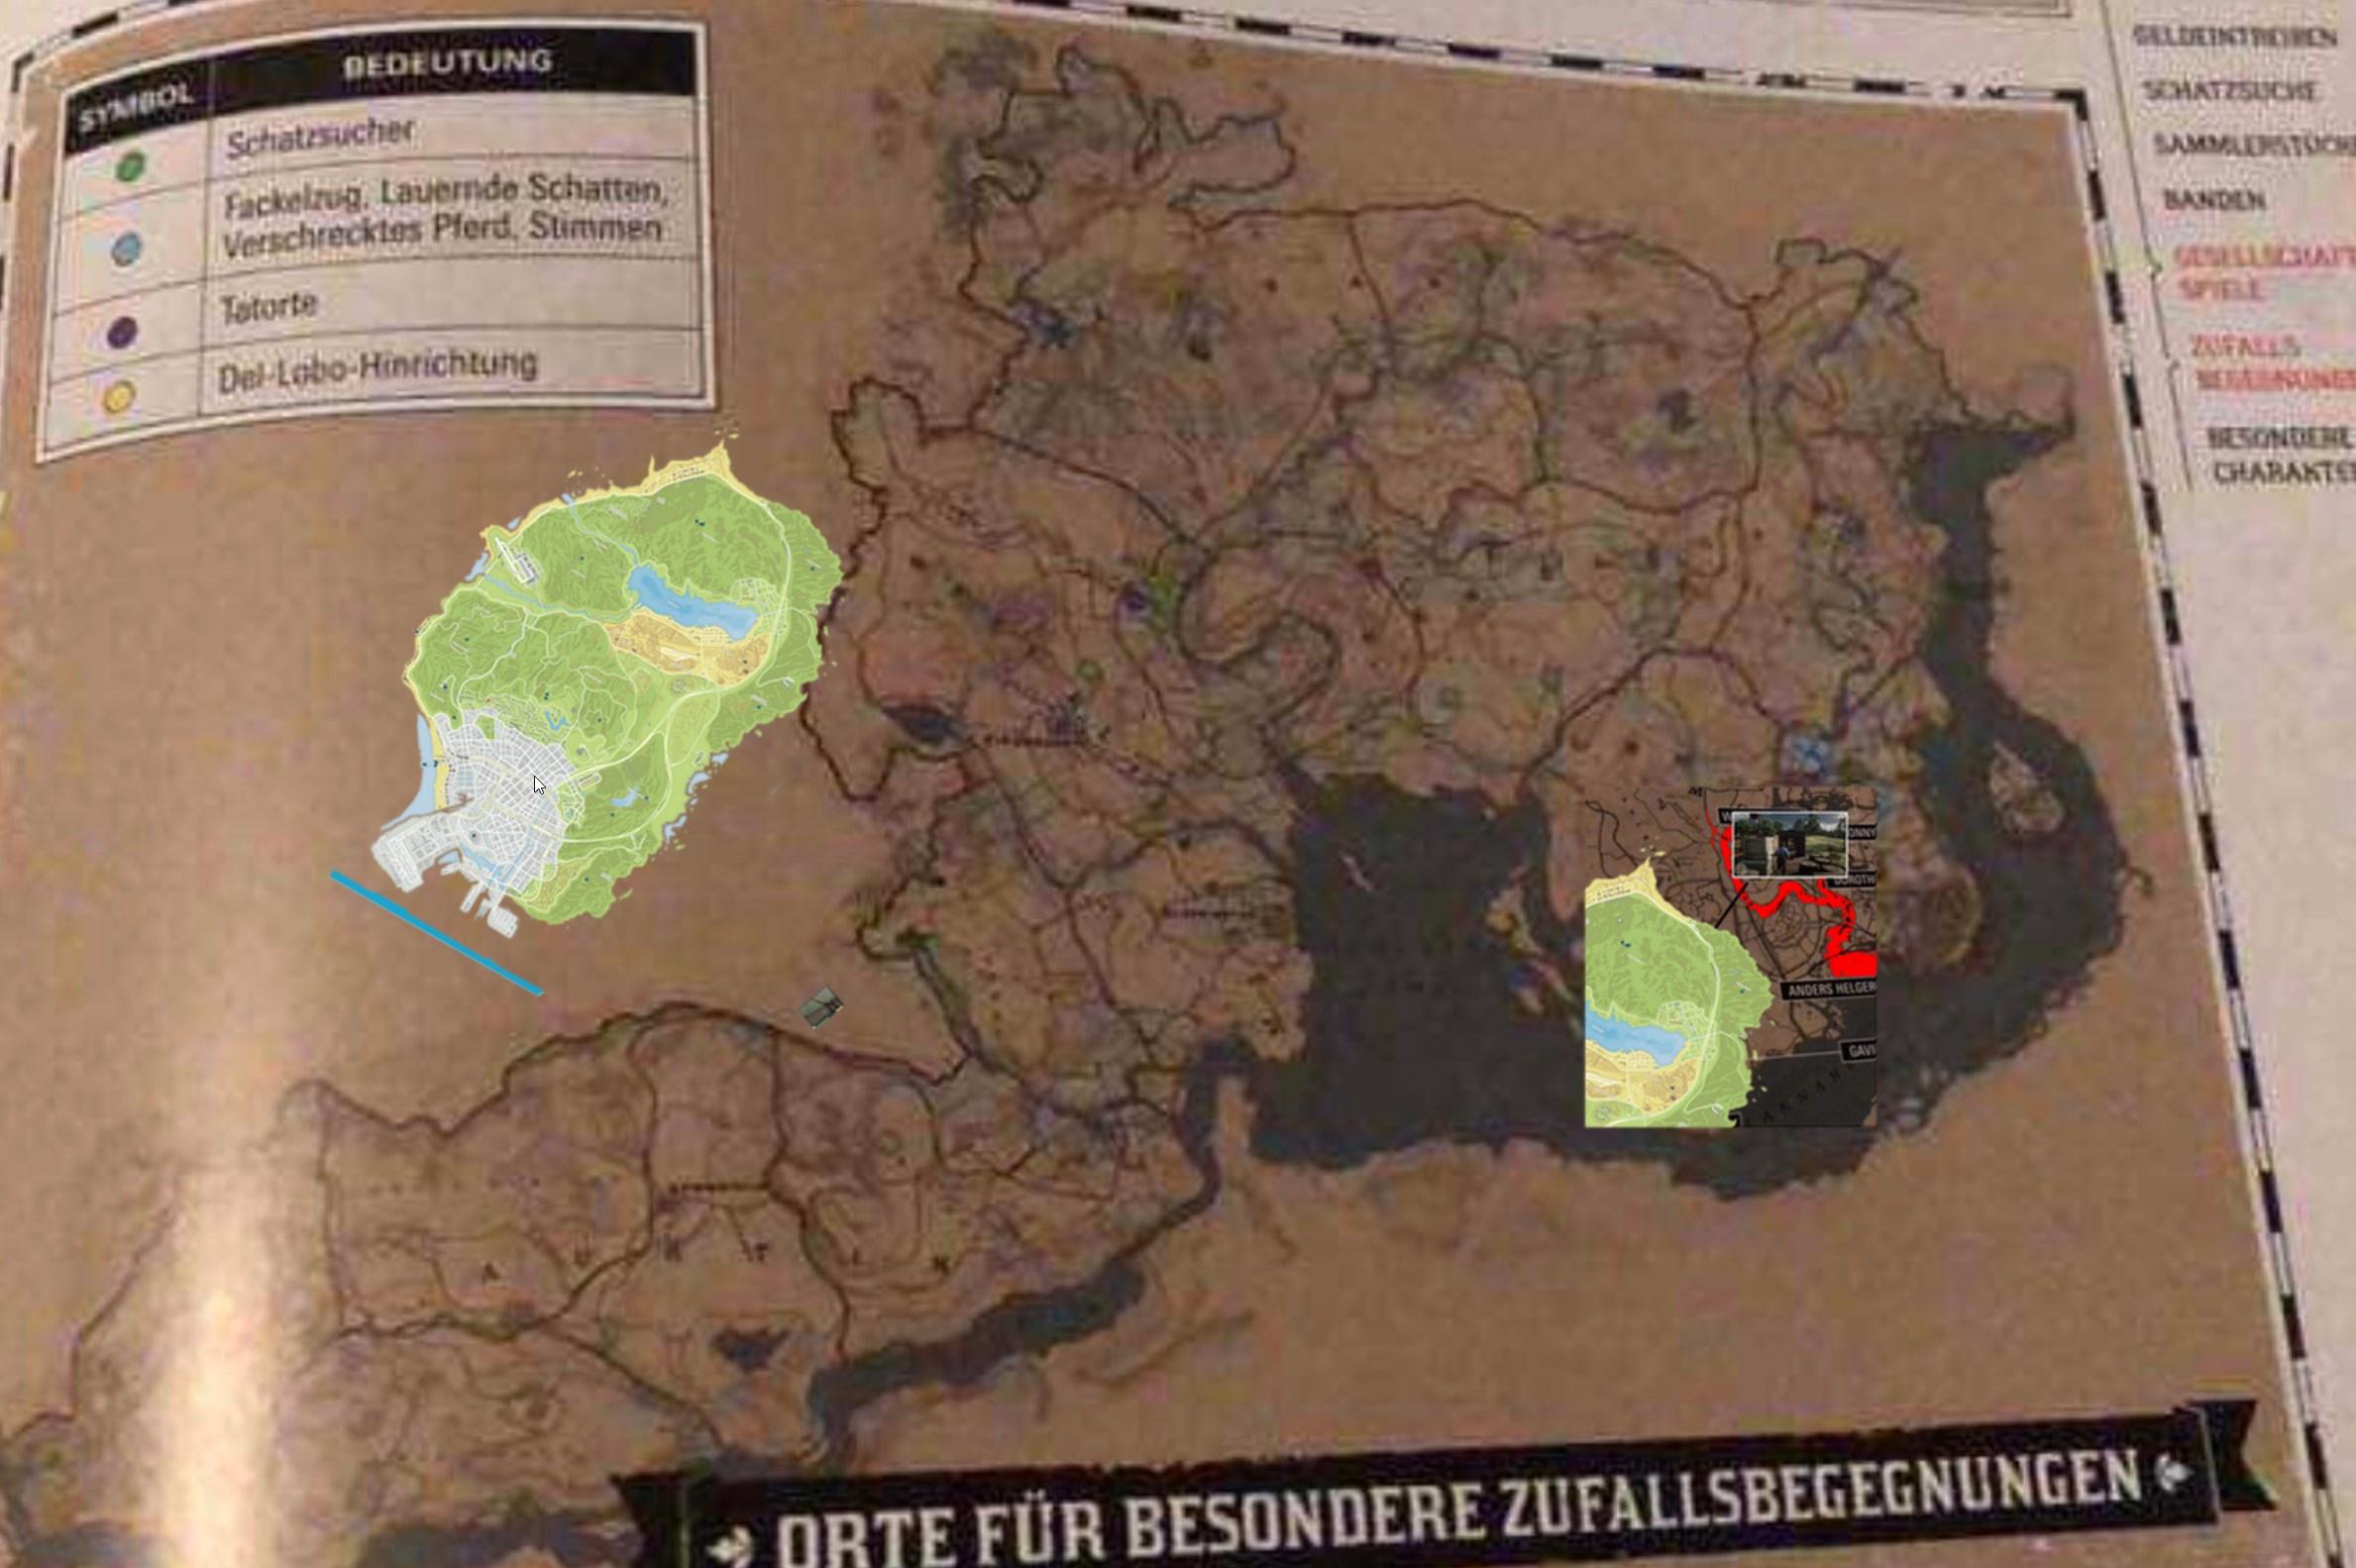 taille carte red dead redemption 2 La map de Gta V est vraiment petite comparer a rdr 2 ? sur le